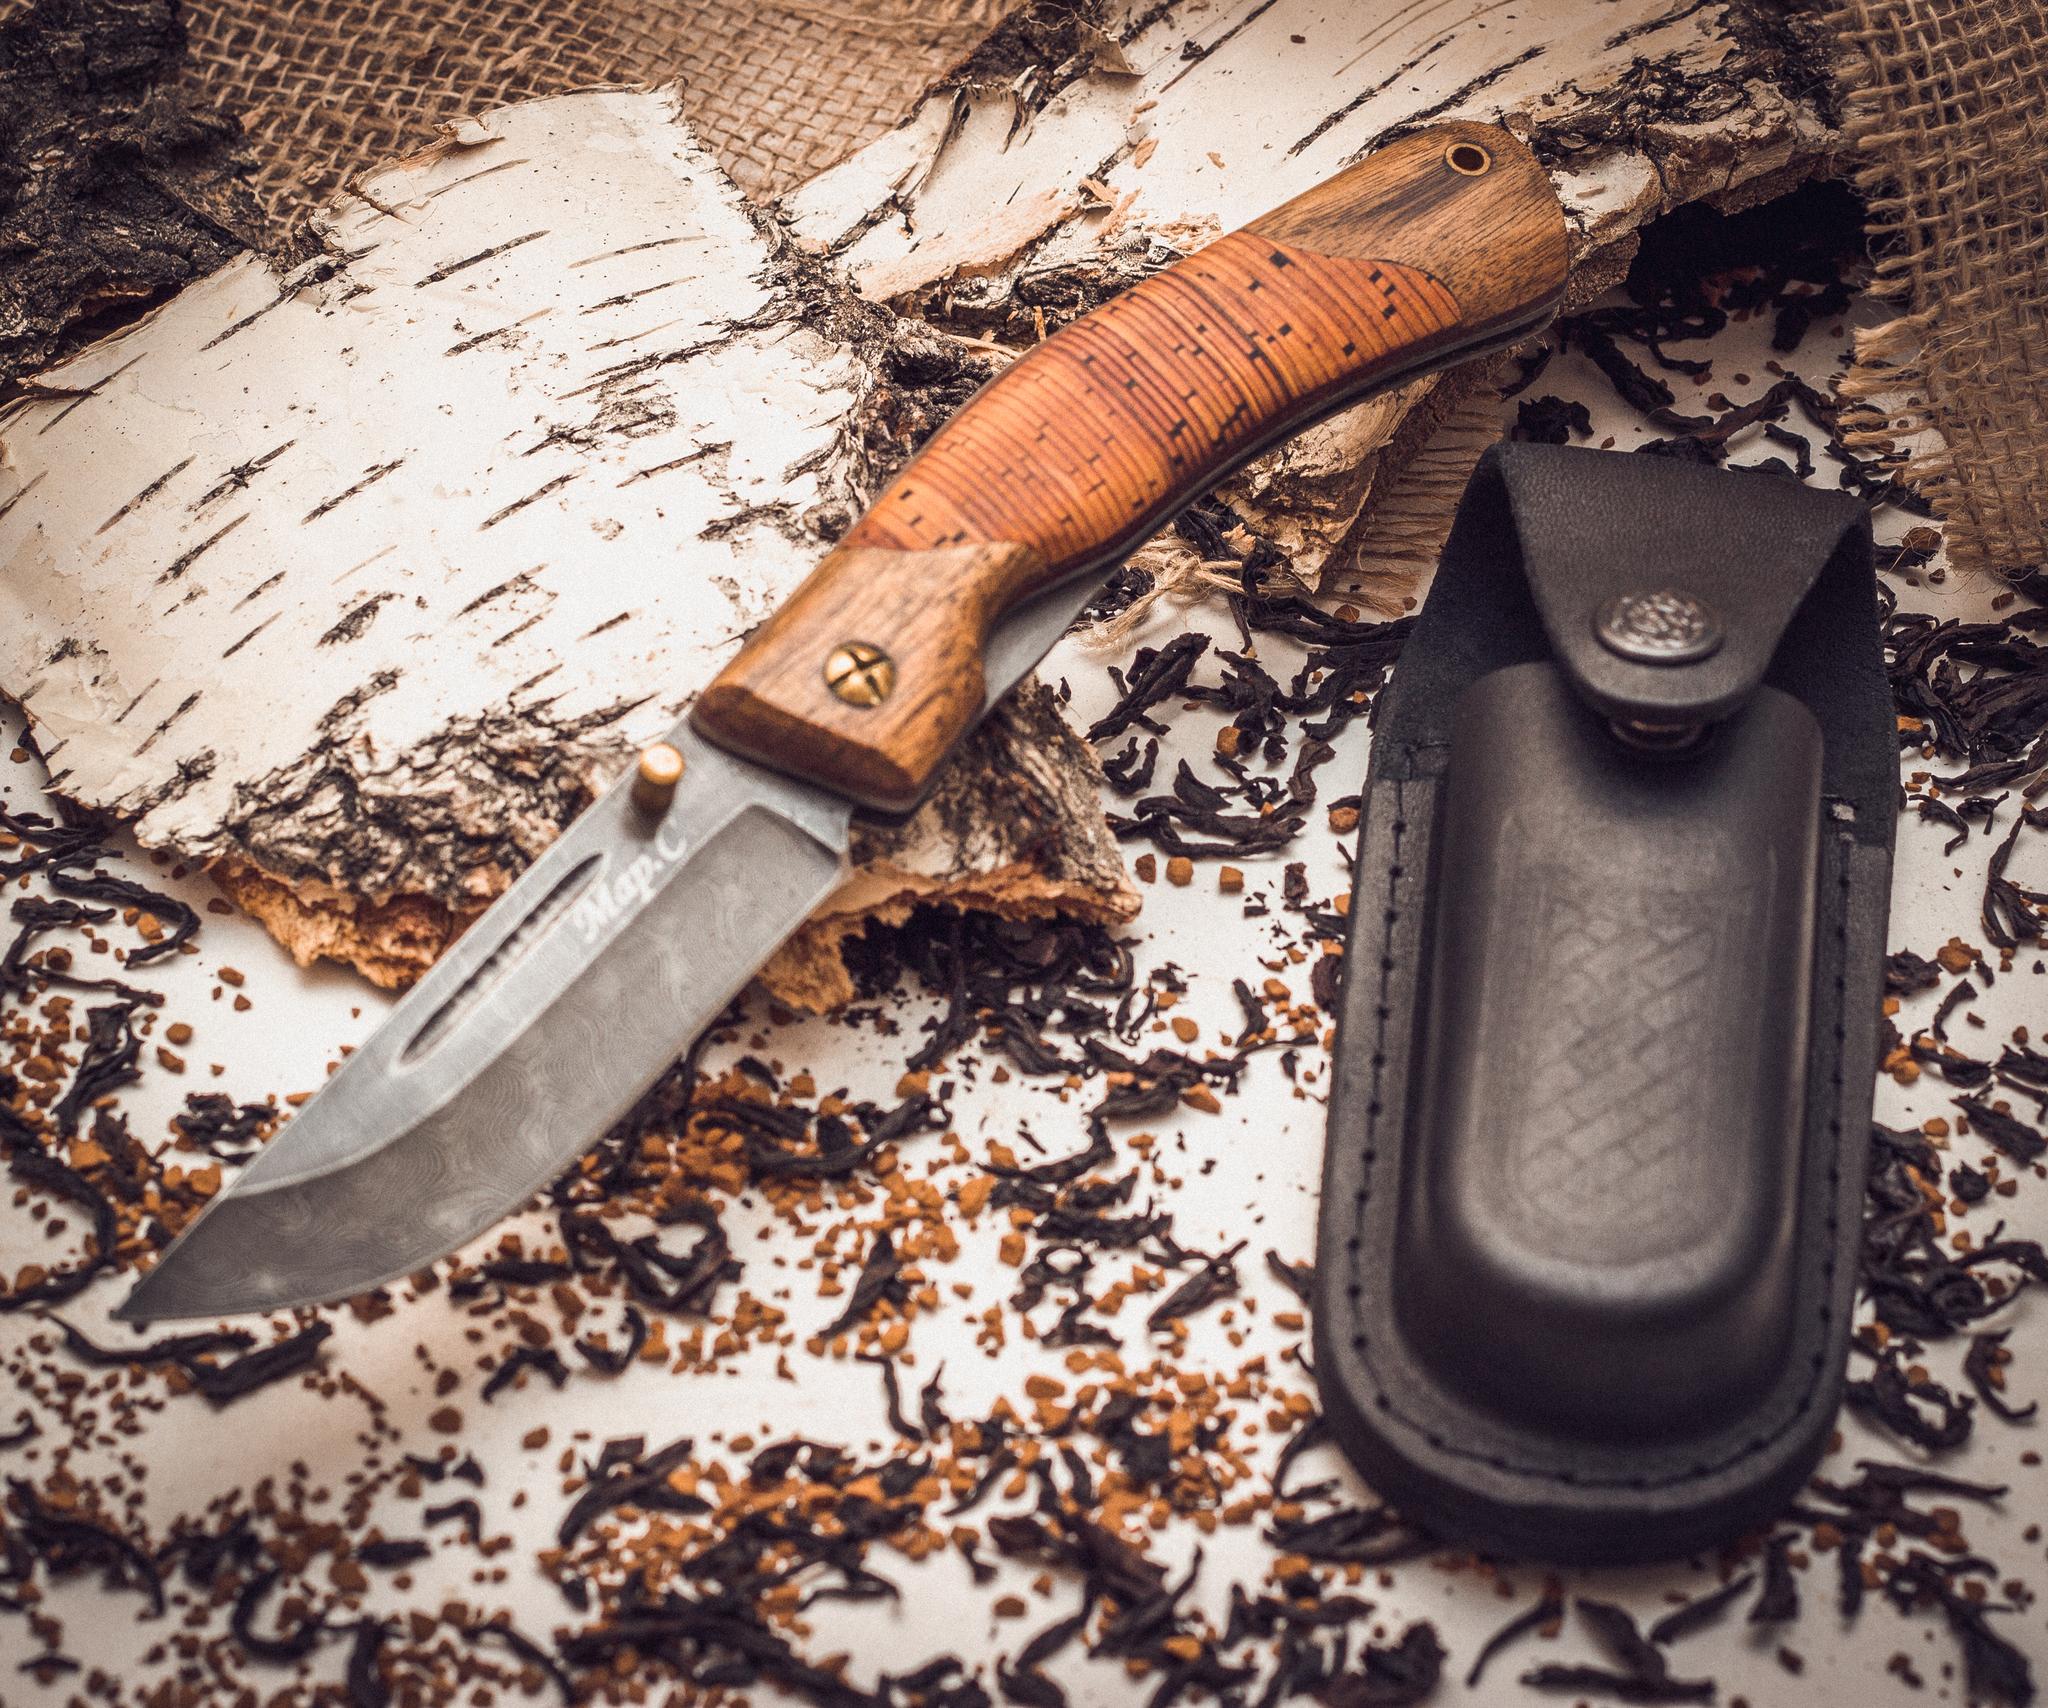 Фото 3 - Складной нож Нижегородец, дамаск, береста от Марычев